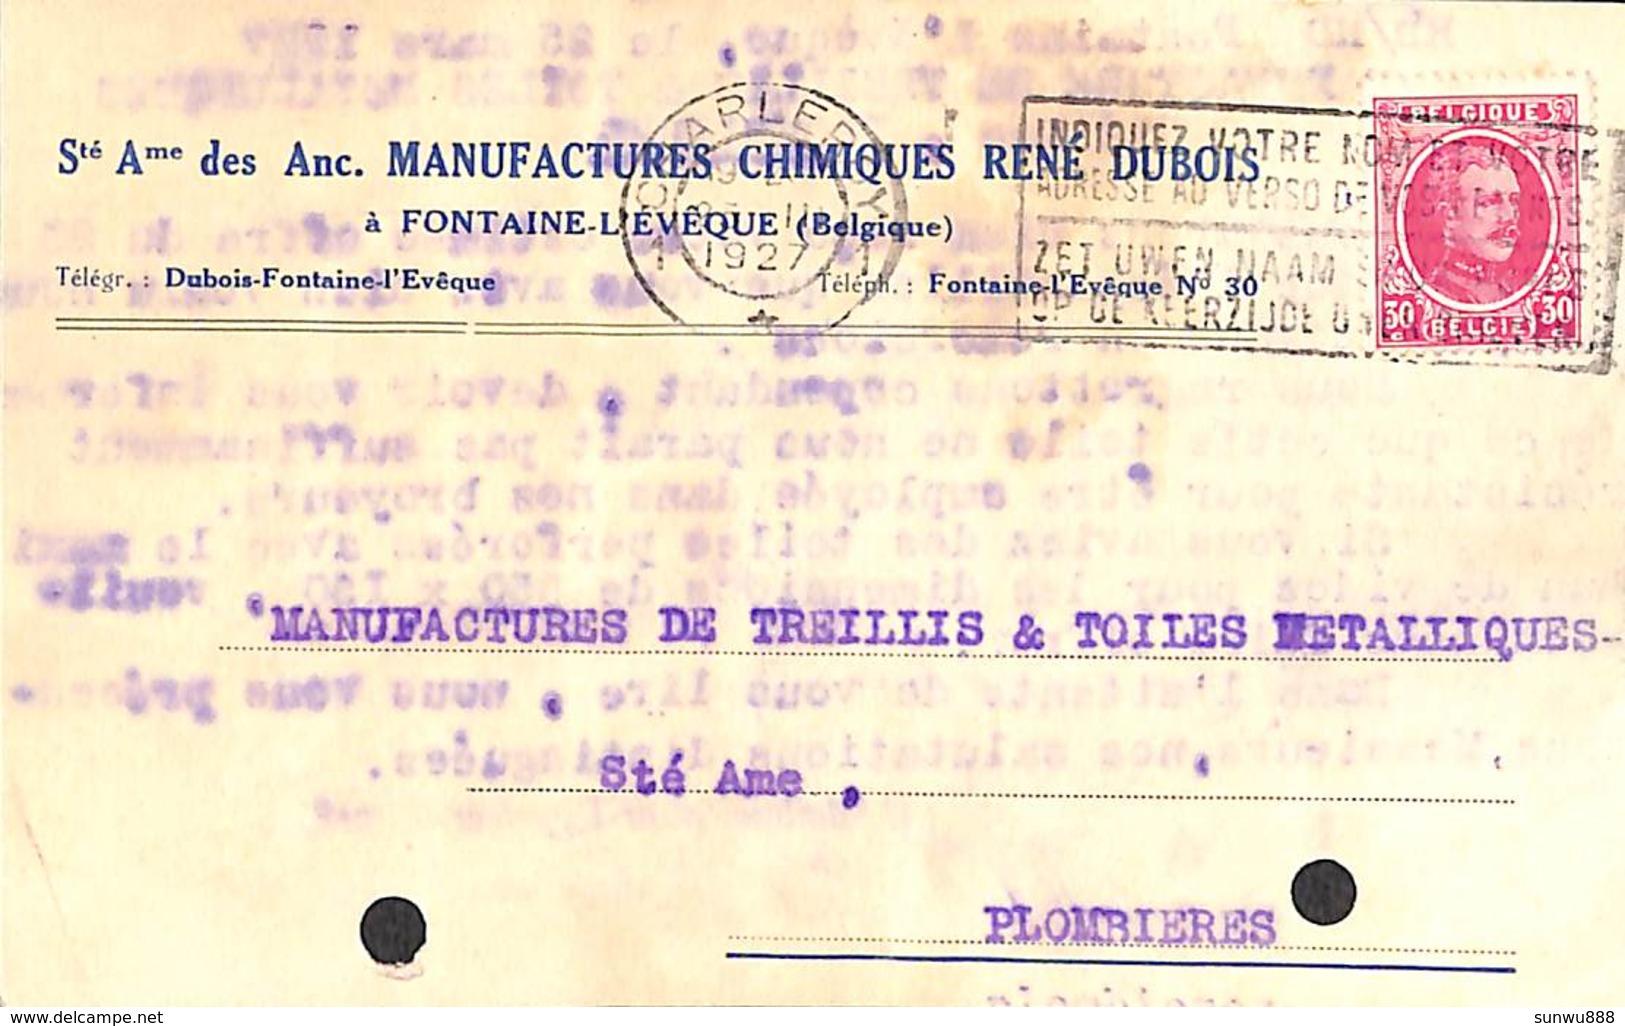 Carte Postale Publicitaire - SA Anc. Manufactures Chimiques René Dubois, Fontaine L'Evêque 1927 - Fontaine-l'Evêque